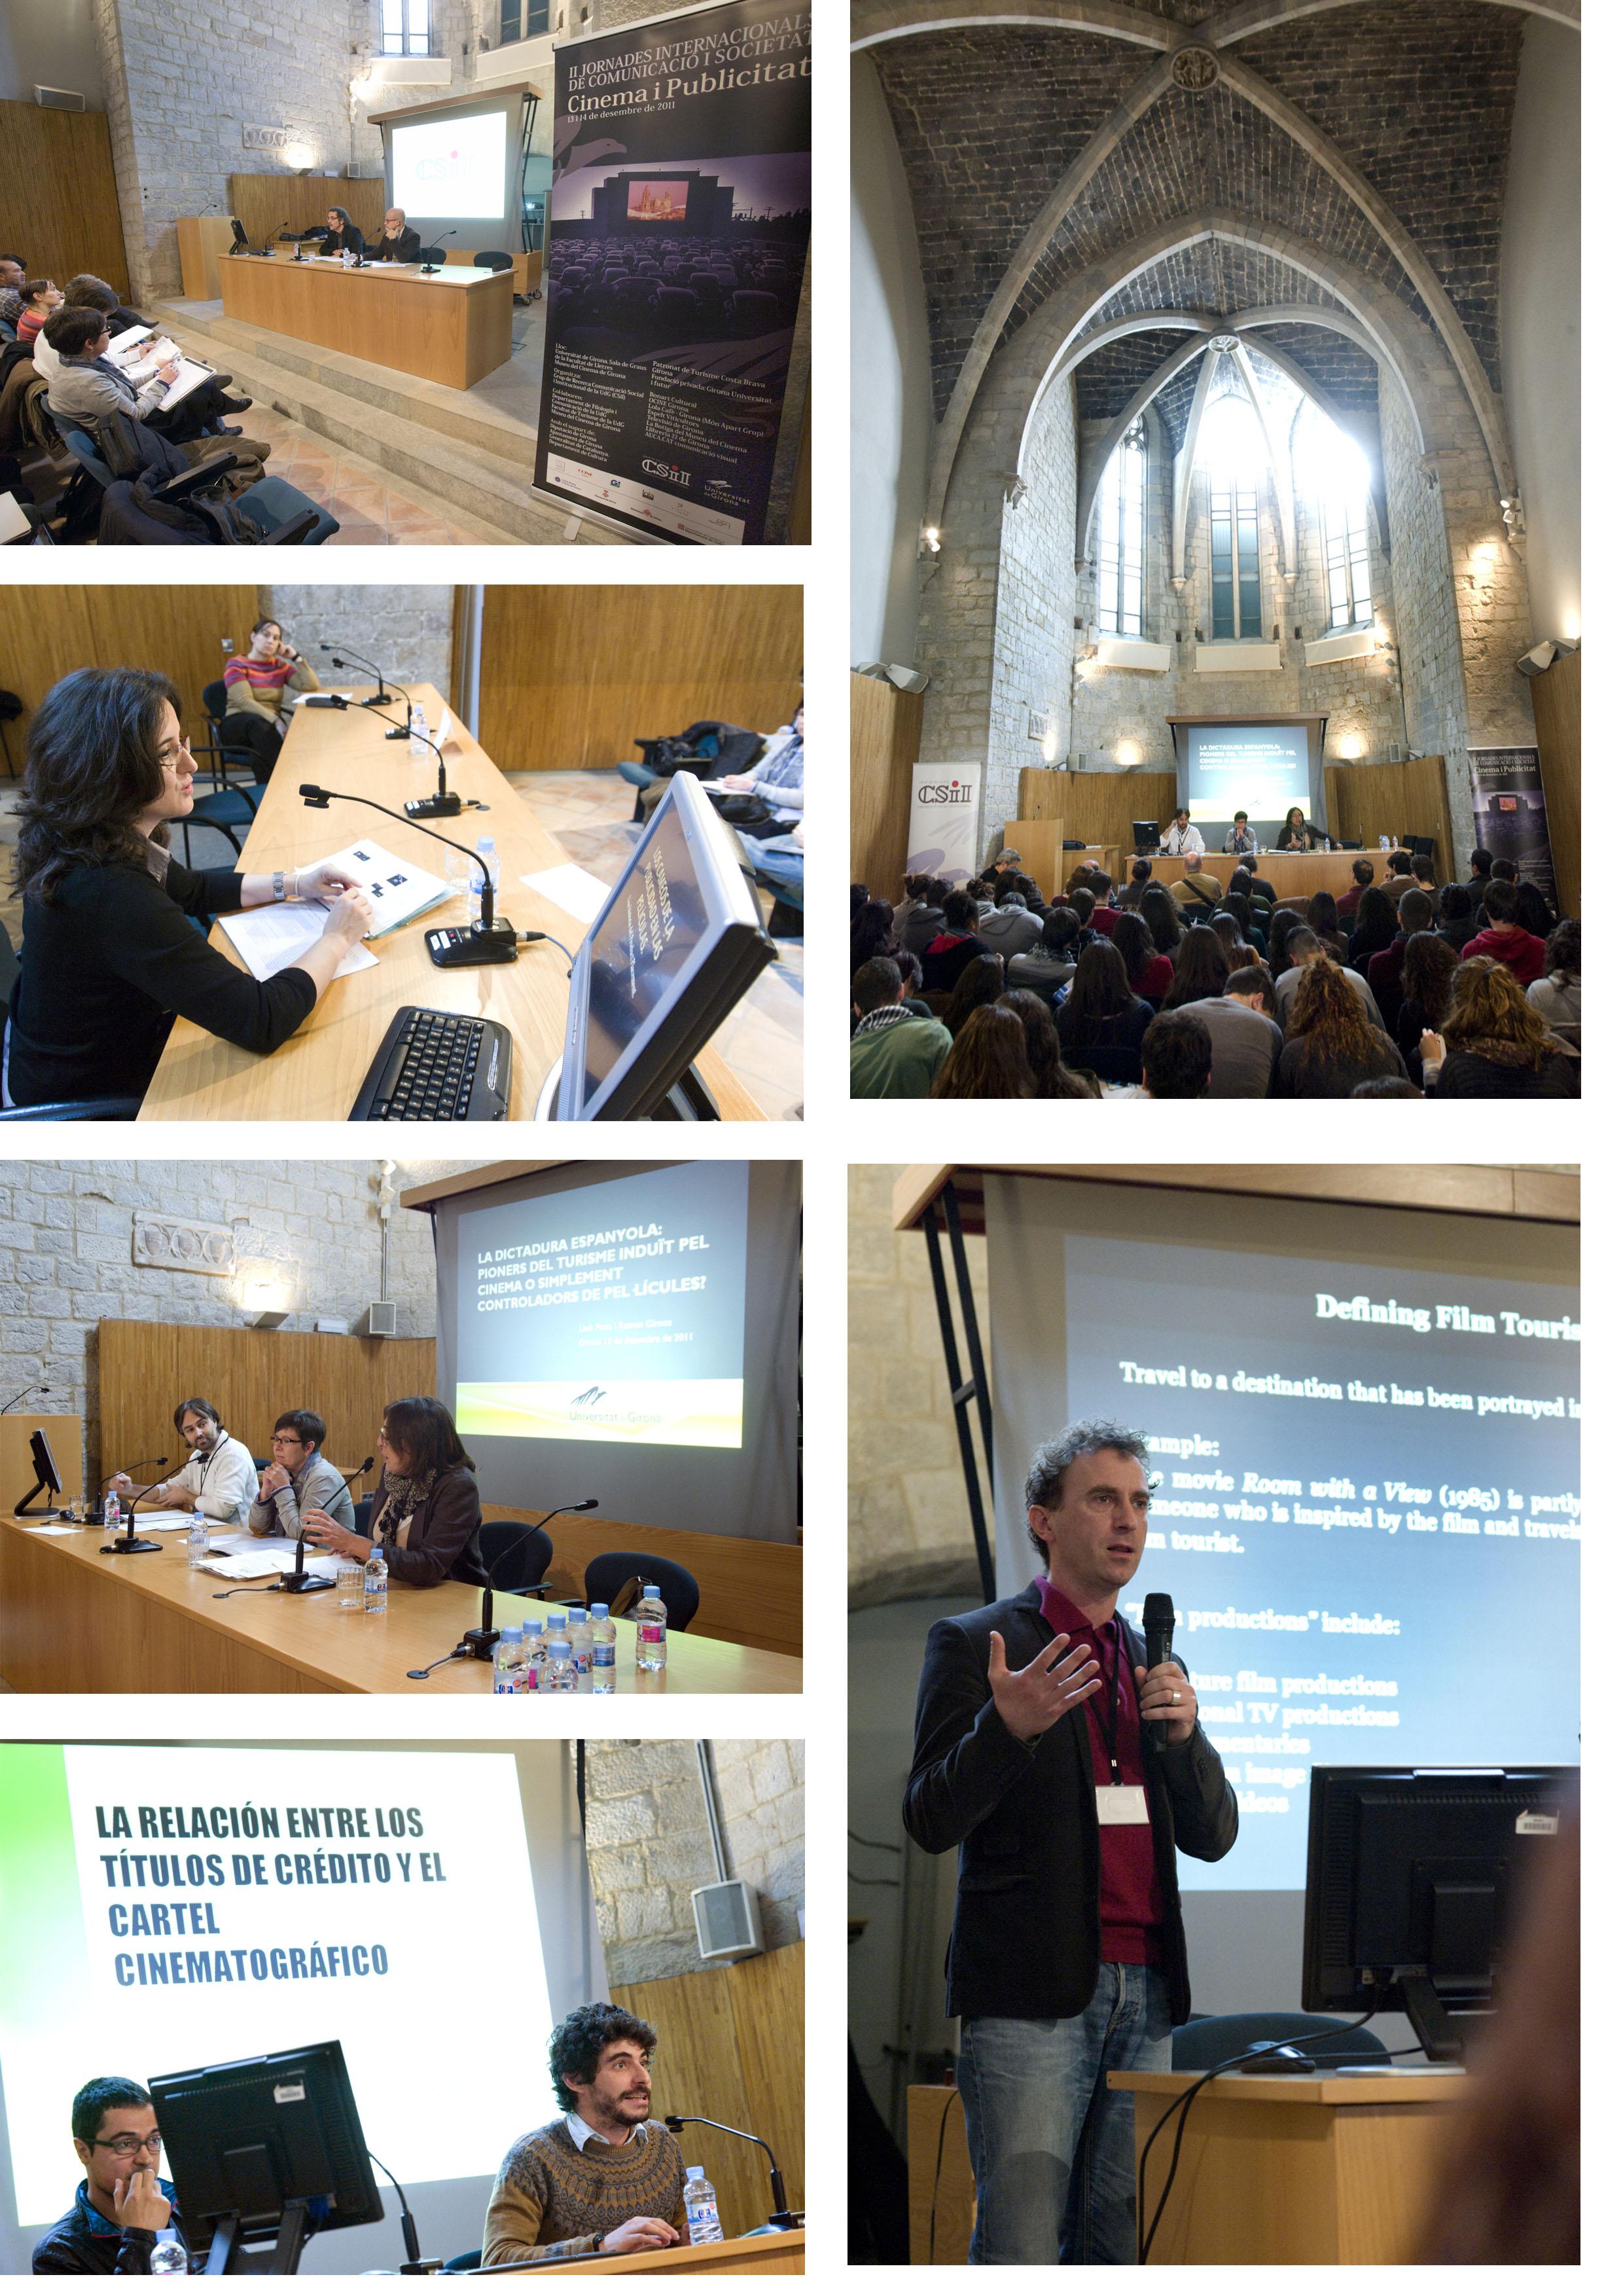 Fotografies II Jornades Internacionals de Cinema i Publicitat